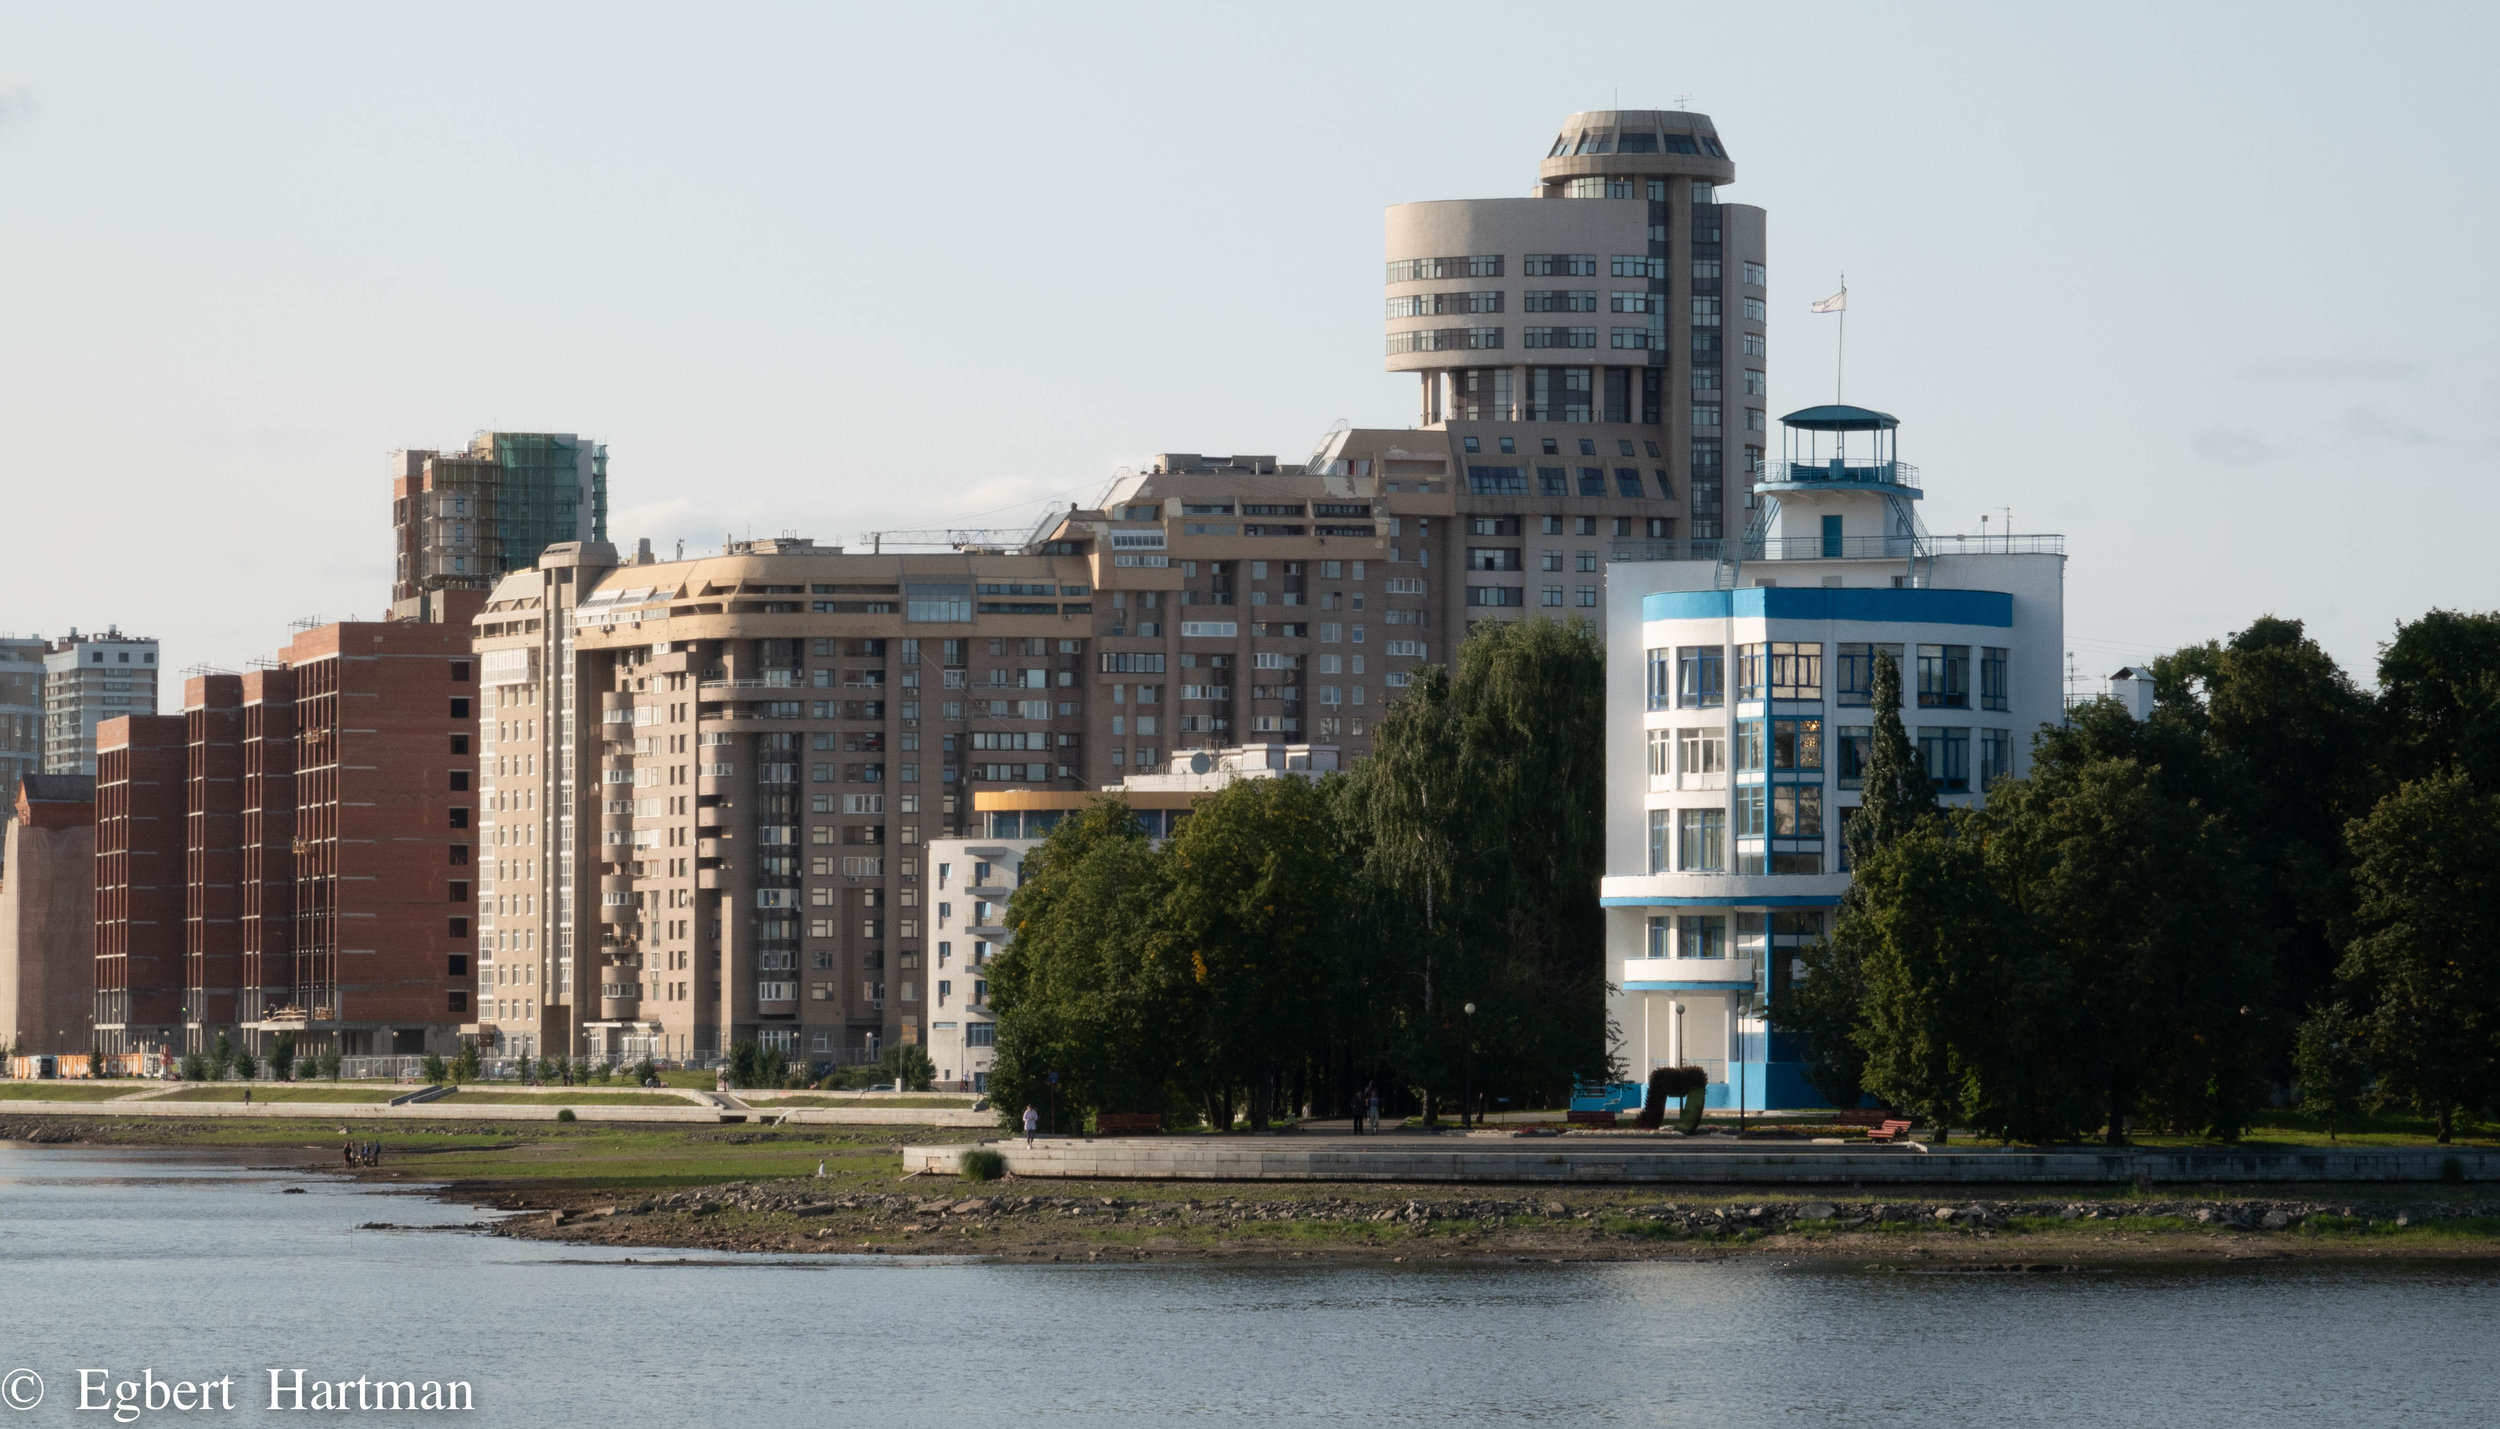 """Het blauw-witte Dinamo gebouw uit 1934, met fijne nieuwbouw erbij.(""""Dan doen wij ook zo'n leuk torentje erop"""", zullen die nieuwbouwers gedacht hebben. Stelletje idioten.)"""